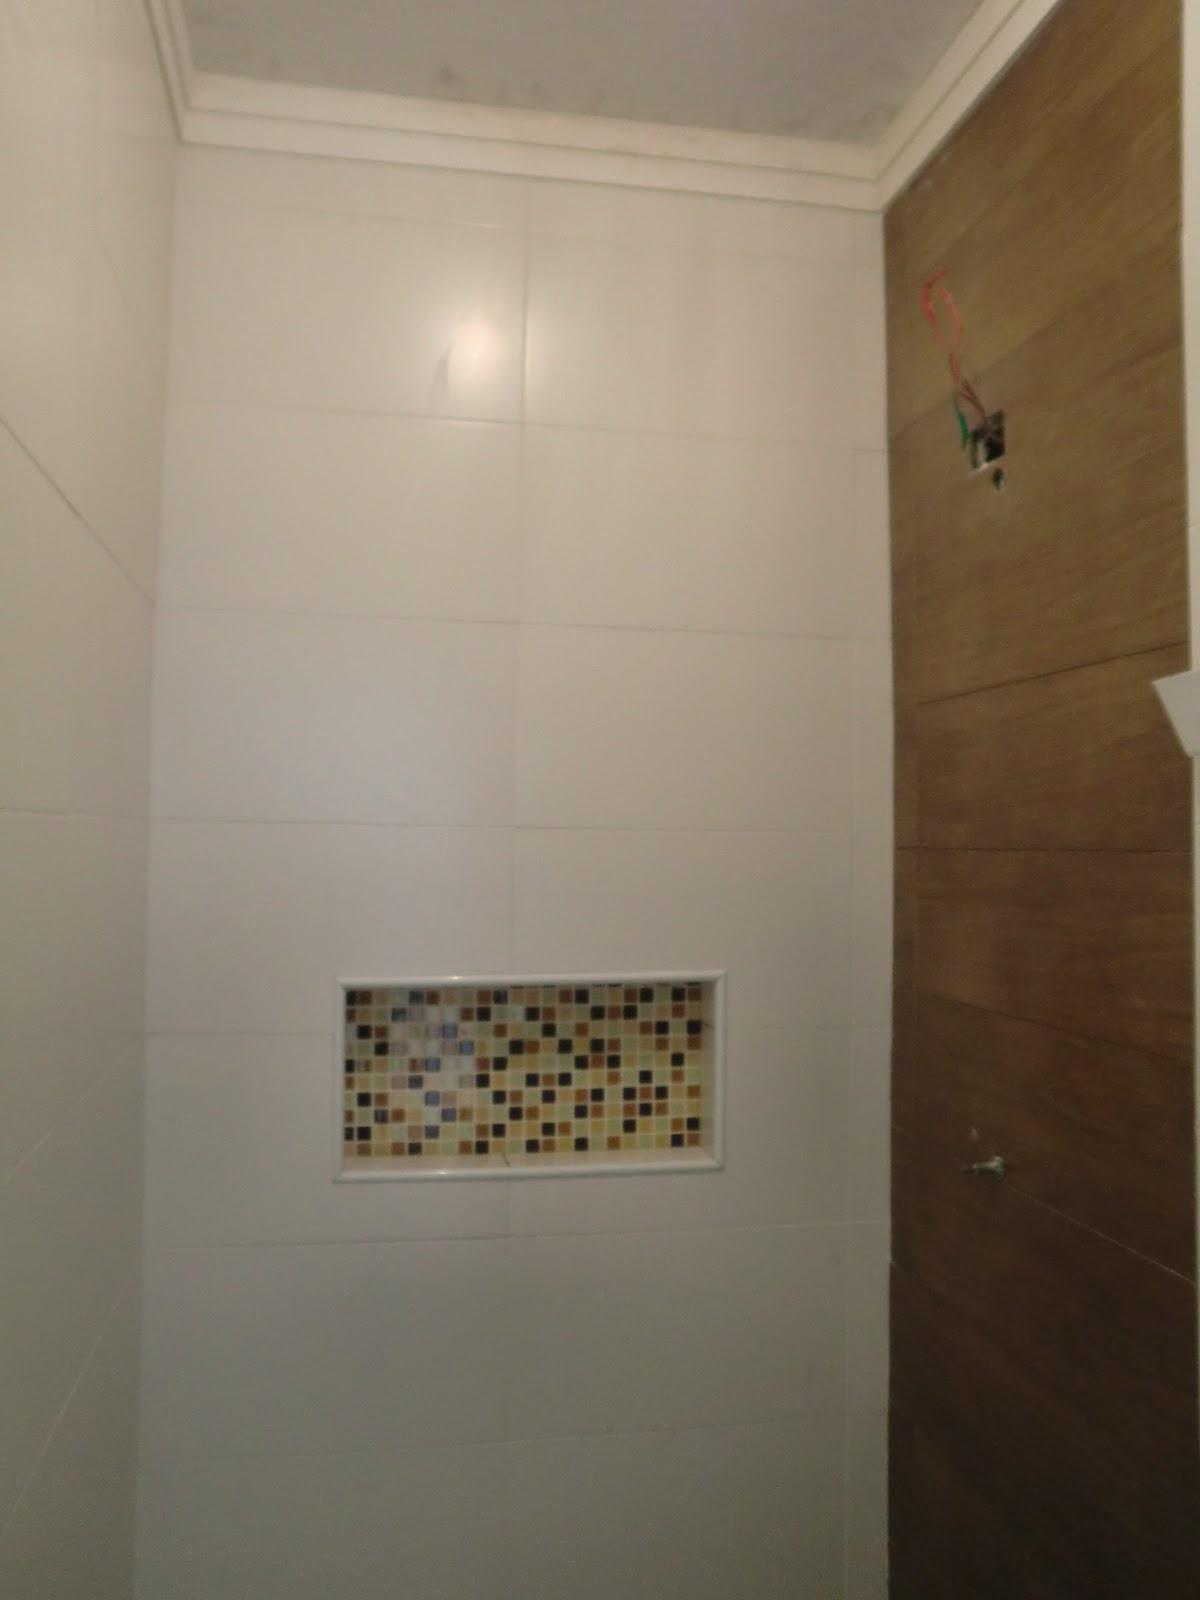 de como fazer um nicho de pastilhas de vidro dentro bo box do banheiro #644C2D 1200 1600